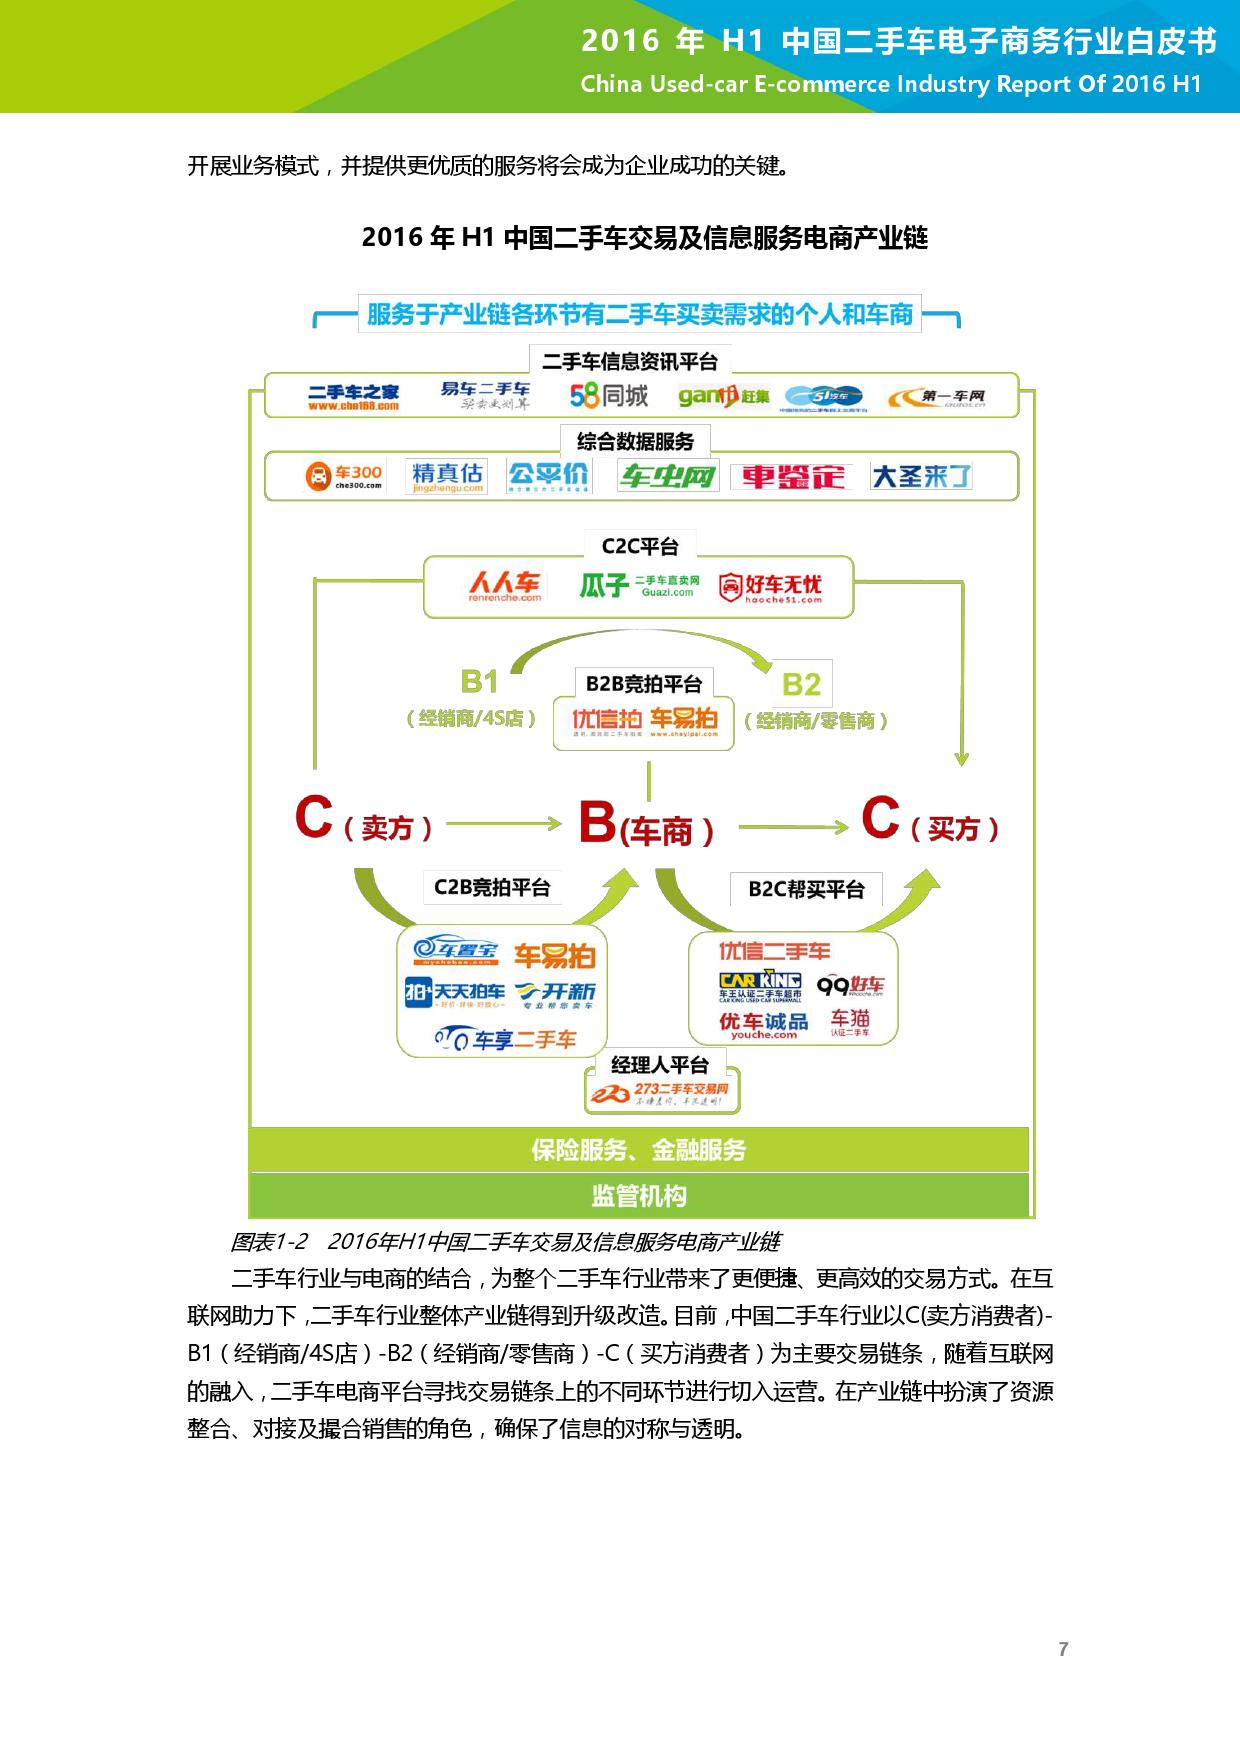 2016年H1中国二手车电子商务行业白皮书_000008